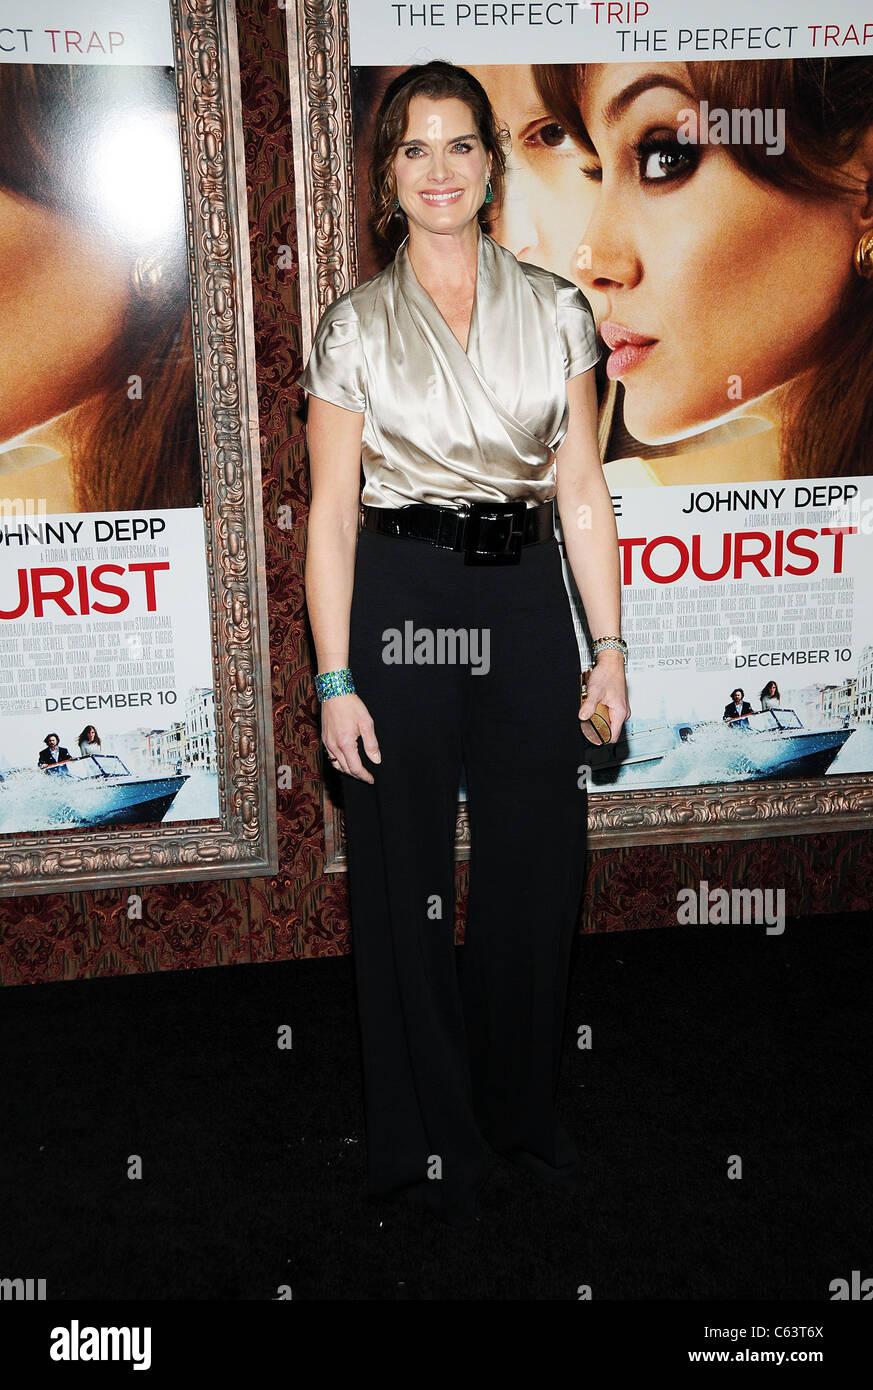 Brooke Shields presso gli arrivi per il turista Premiere, il Teatro Ziegfeld, New York, NY Dicembre 6, 2010. Foto Immagini Stock